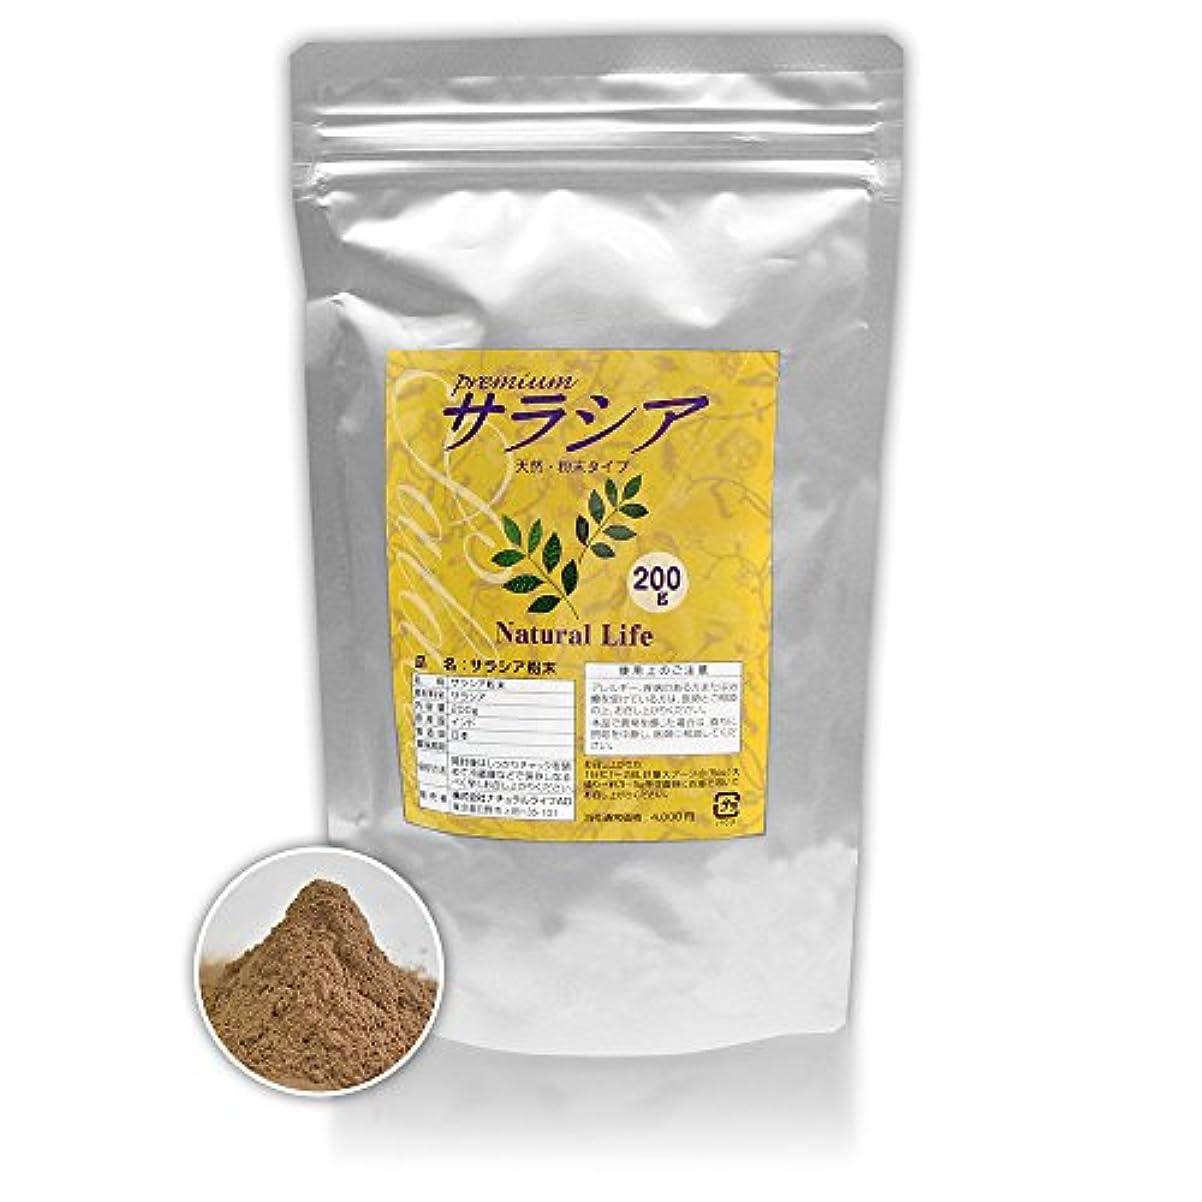 暴動スローチェスをするサラシア粉末[200g]天然ピュア原料(無添加)健康食品(さらしあ,レティキュラータ)